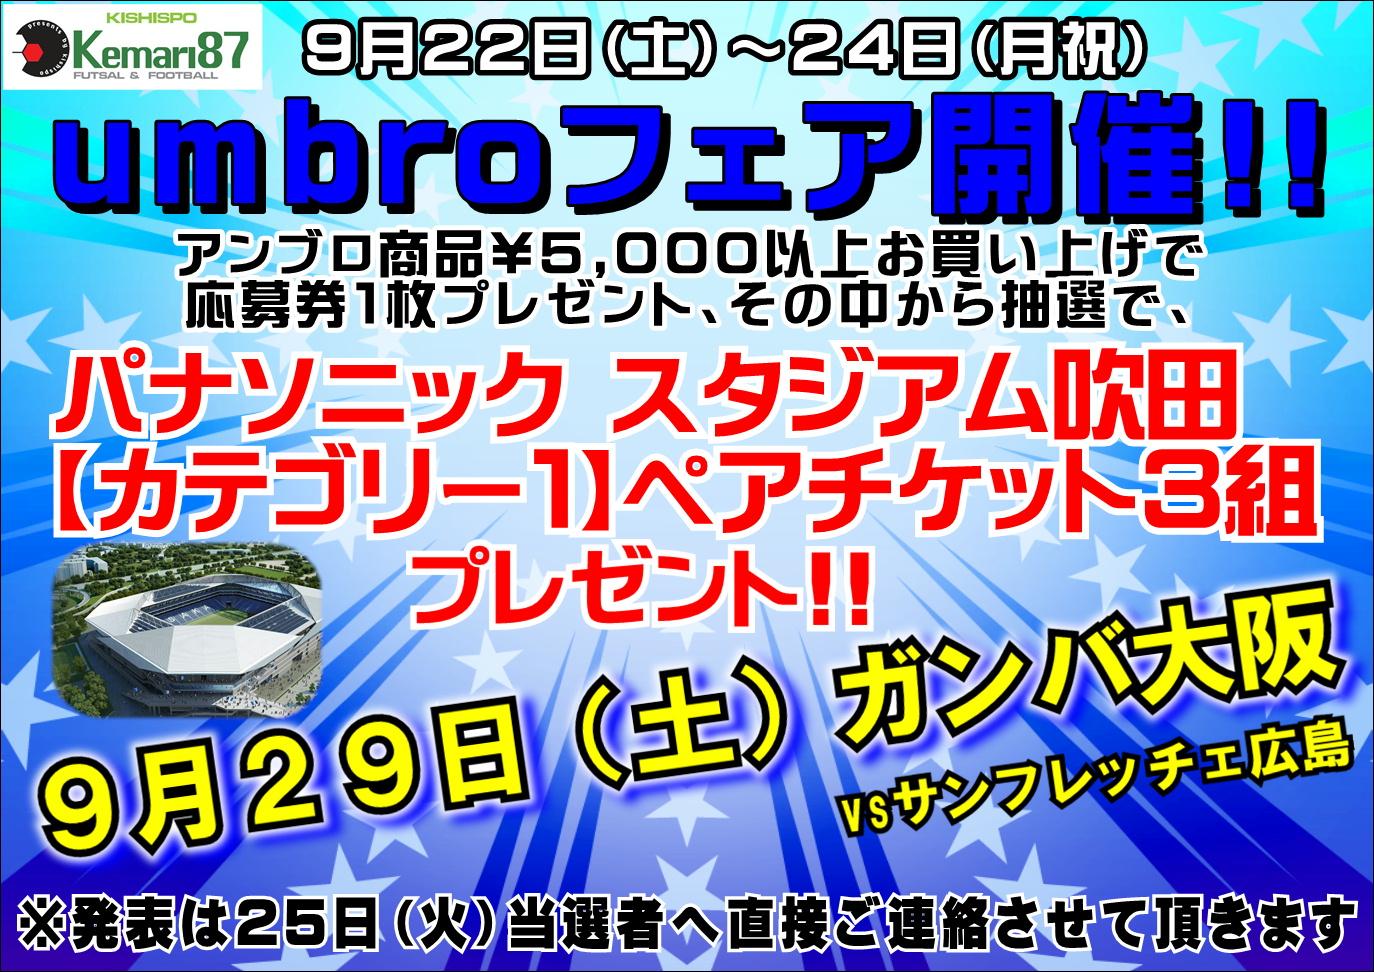 【 ガンバ大阪観戦チケットが当たるかも!? 】